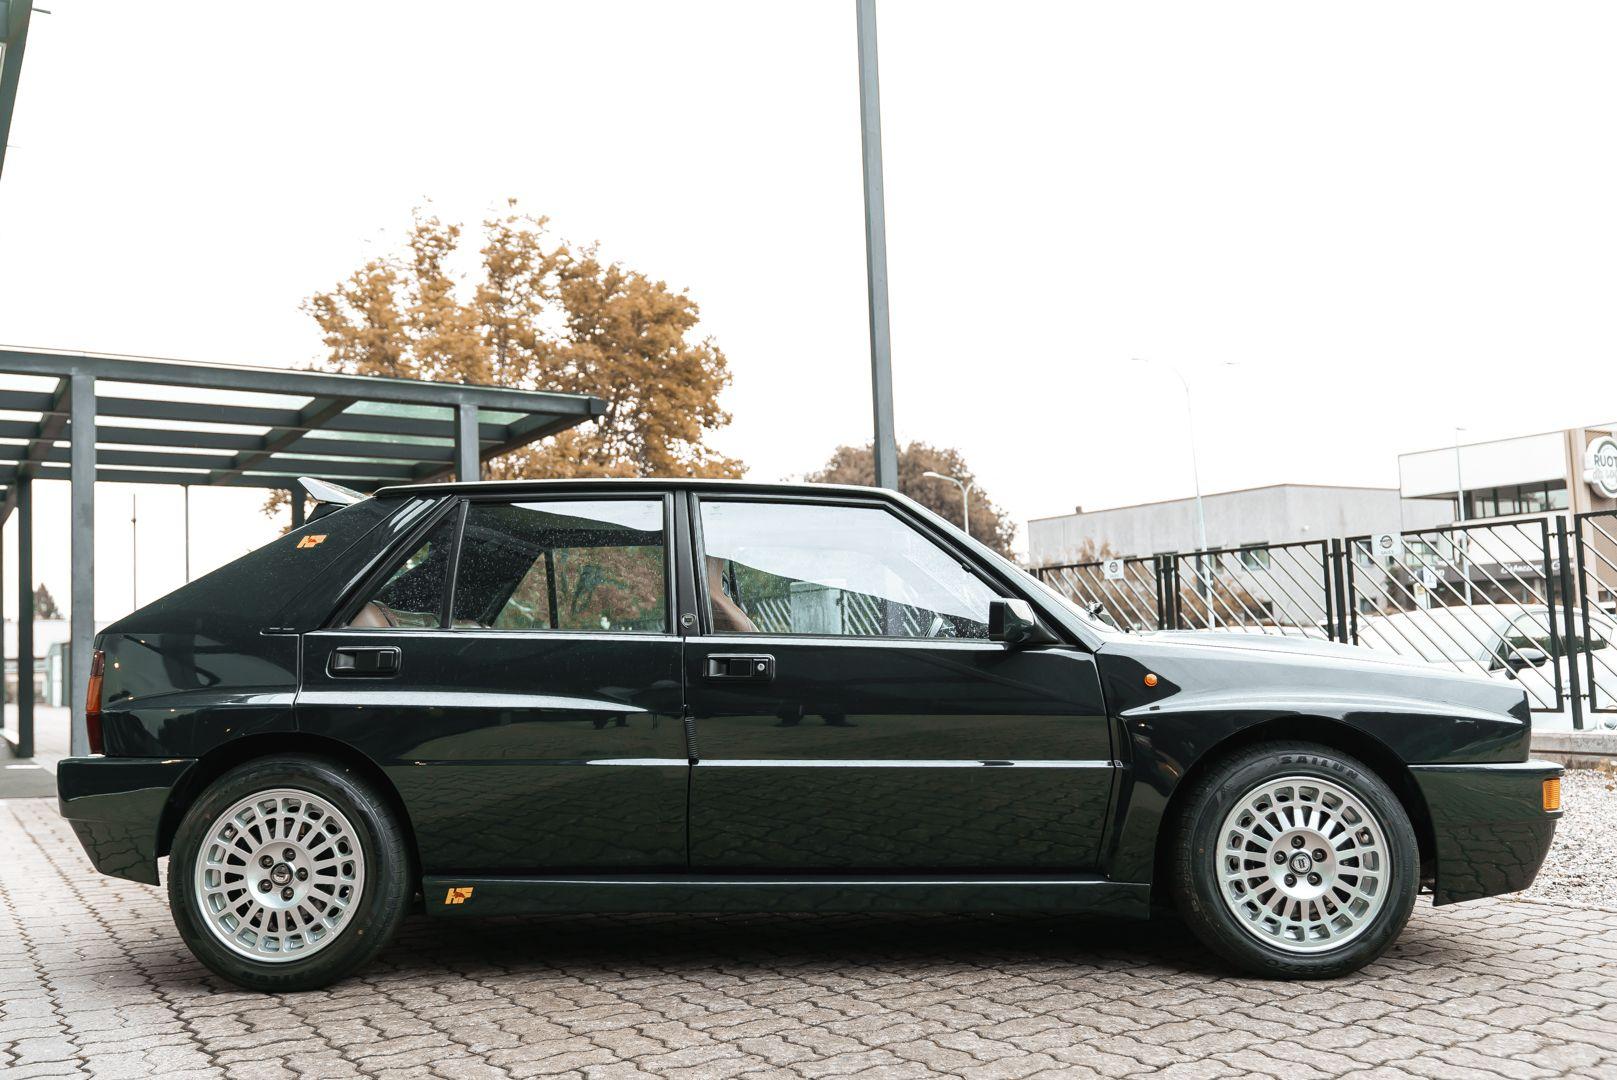 1992 Lancia Delta HF Integrale 16V Evo 1 - 79/250 84798